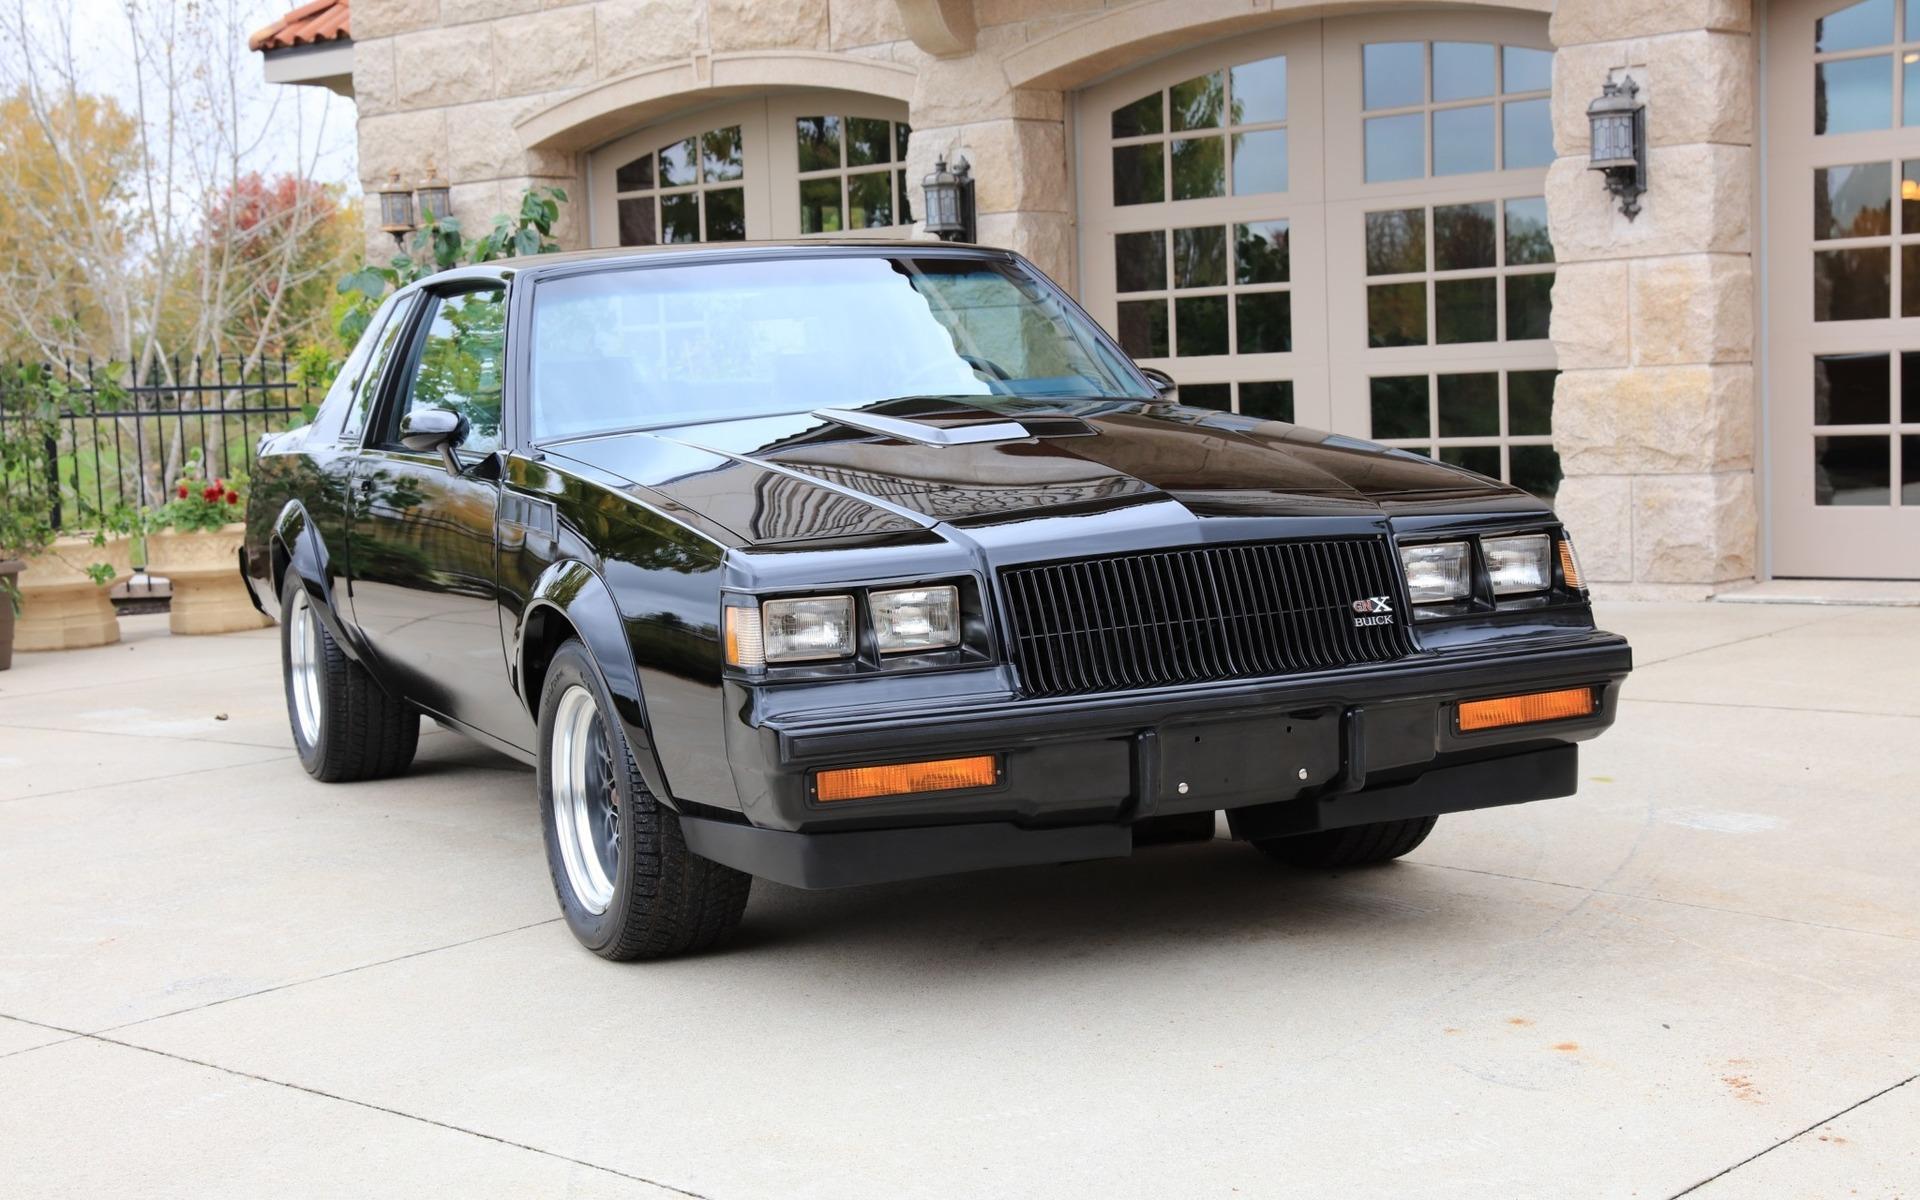 Cette Buick GNX est encore neuve 32 ans plus tard 366837_Buick